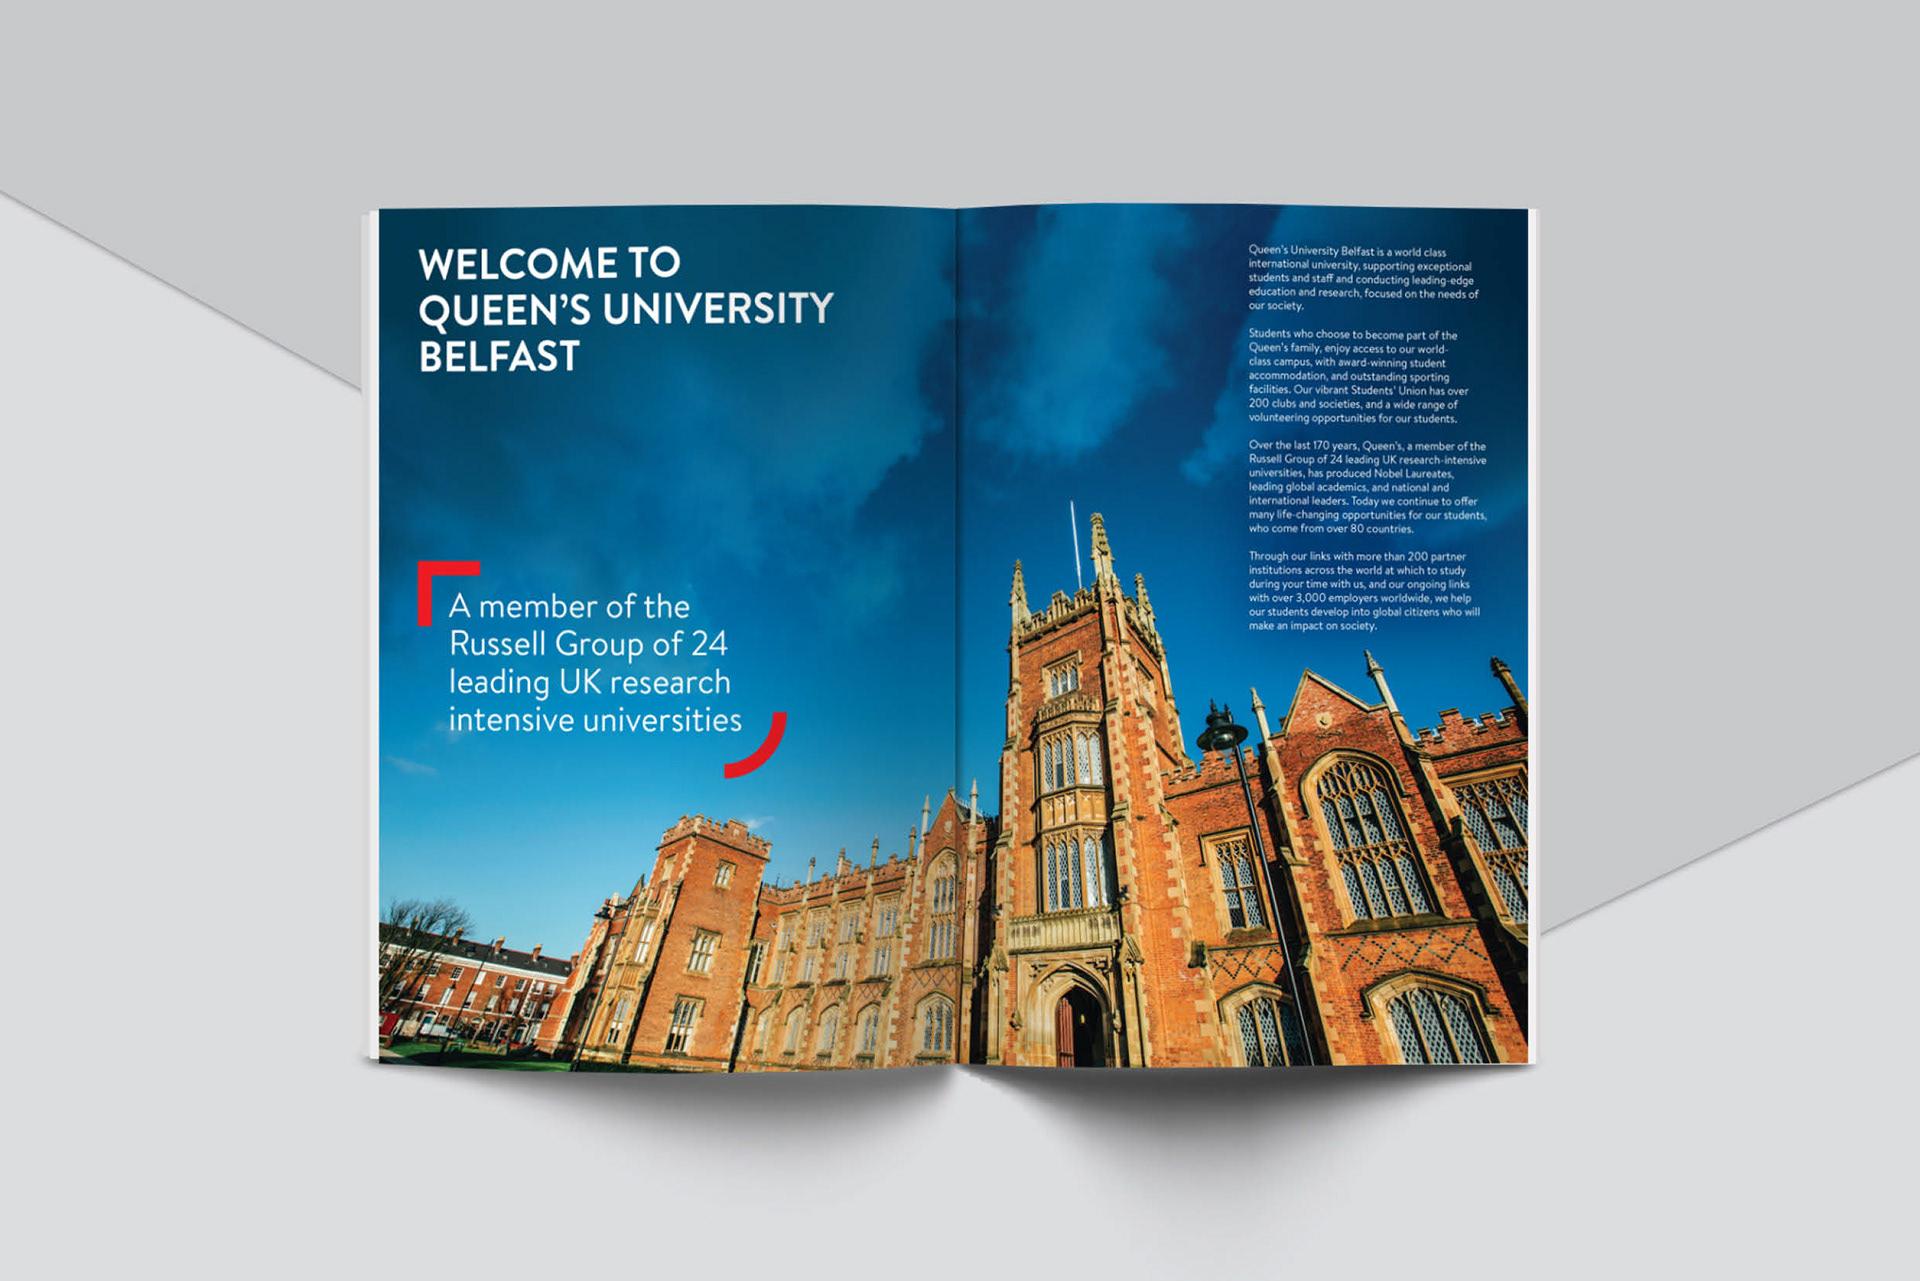 Darragh Neely Design - Queen's University